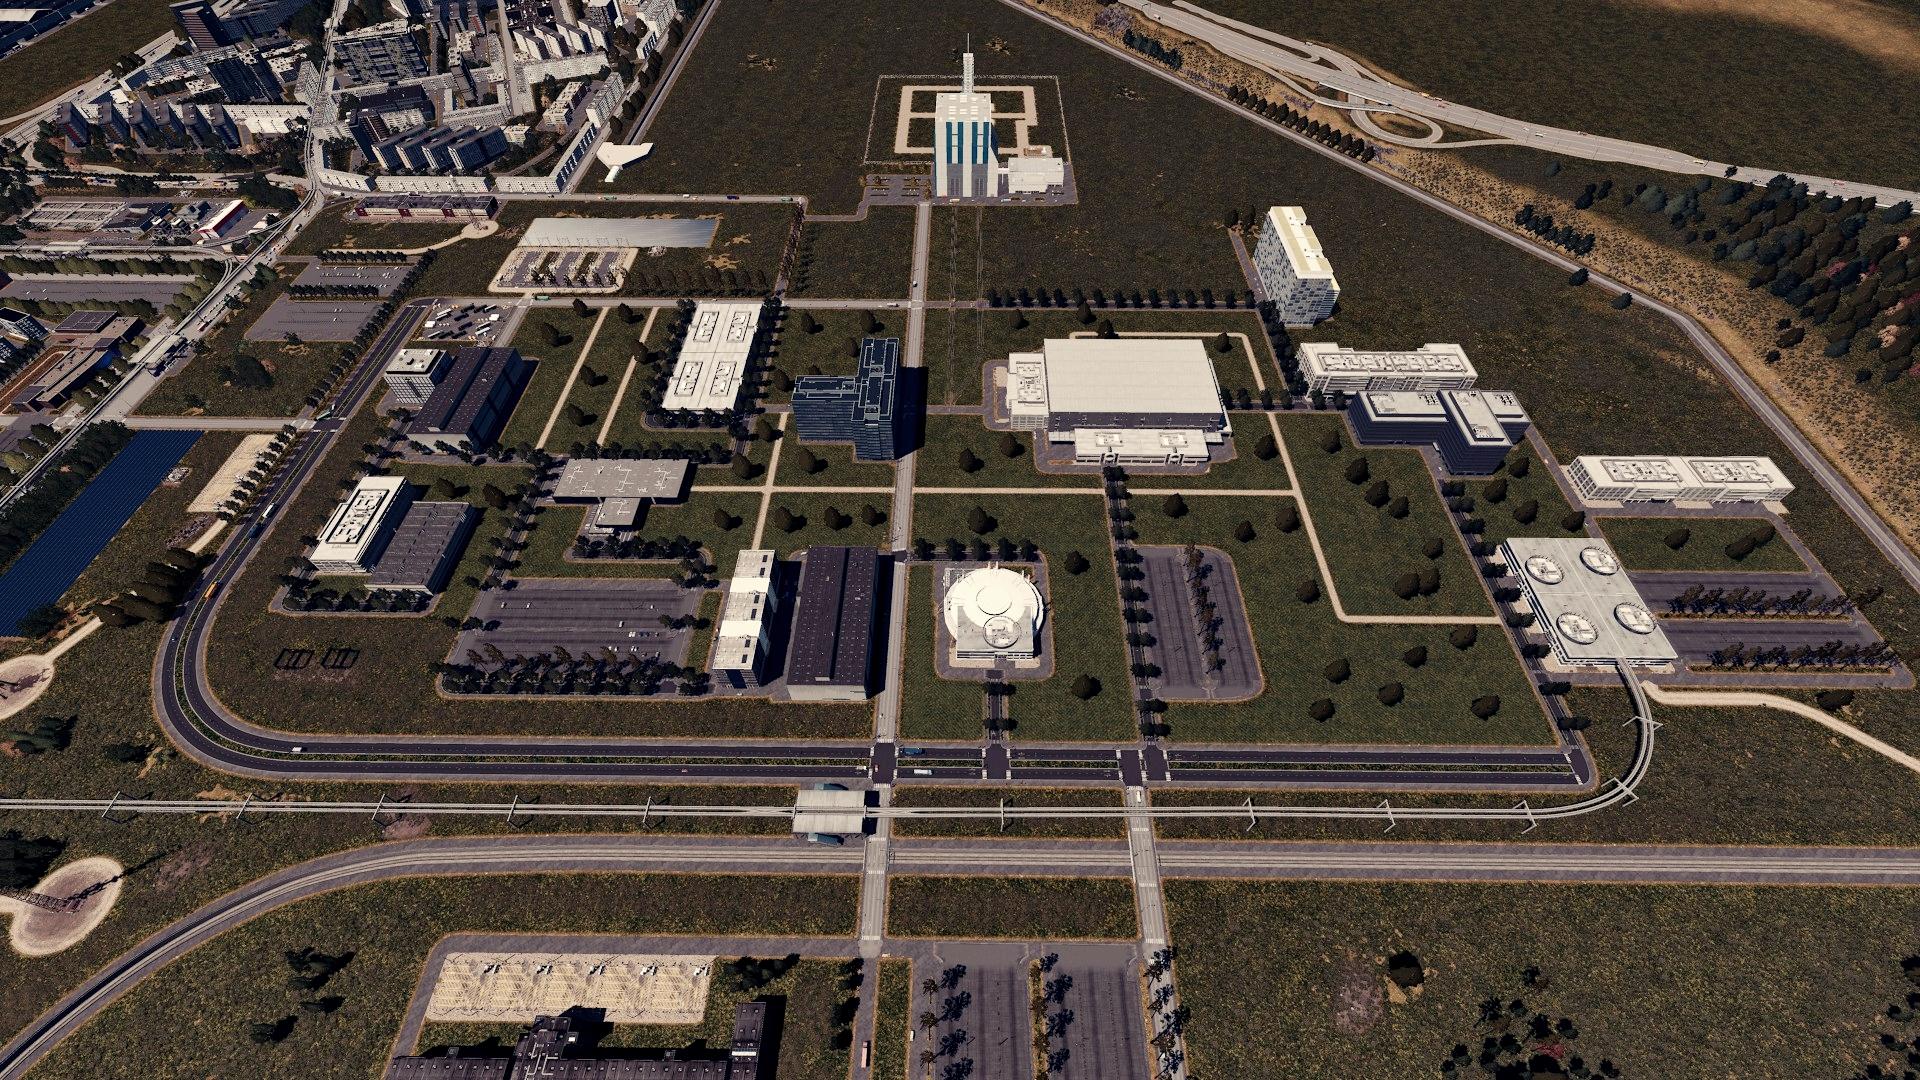 Djavolja Varos. (Maj complexe pétrolier p6, par industriel p5) à mettre à la corbeille sv - Page 3 180827112140979506